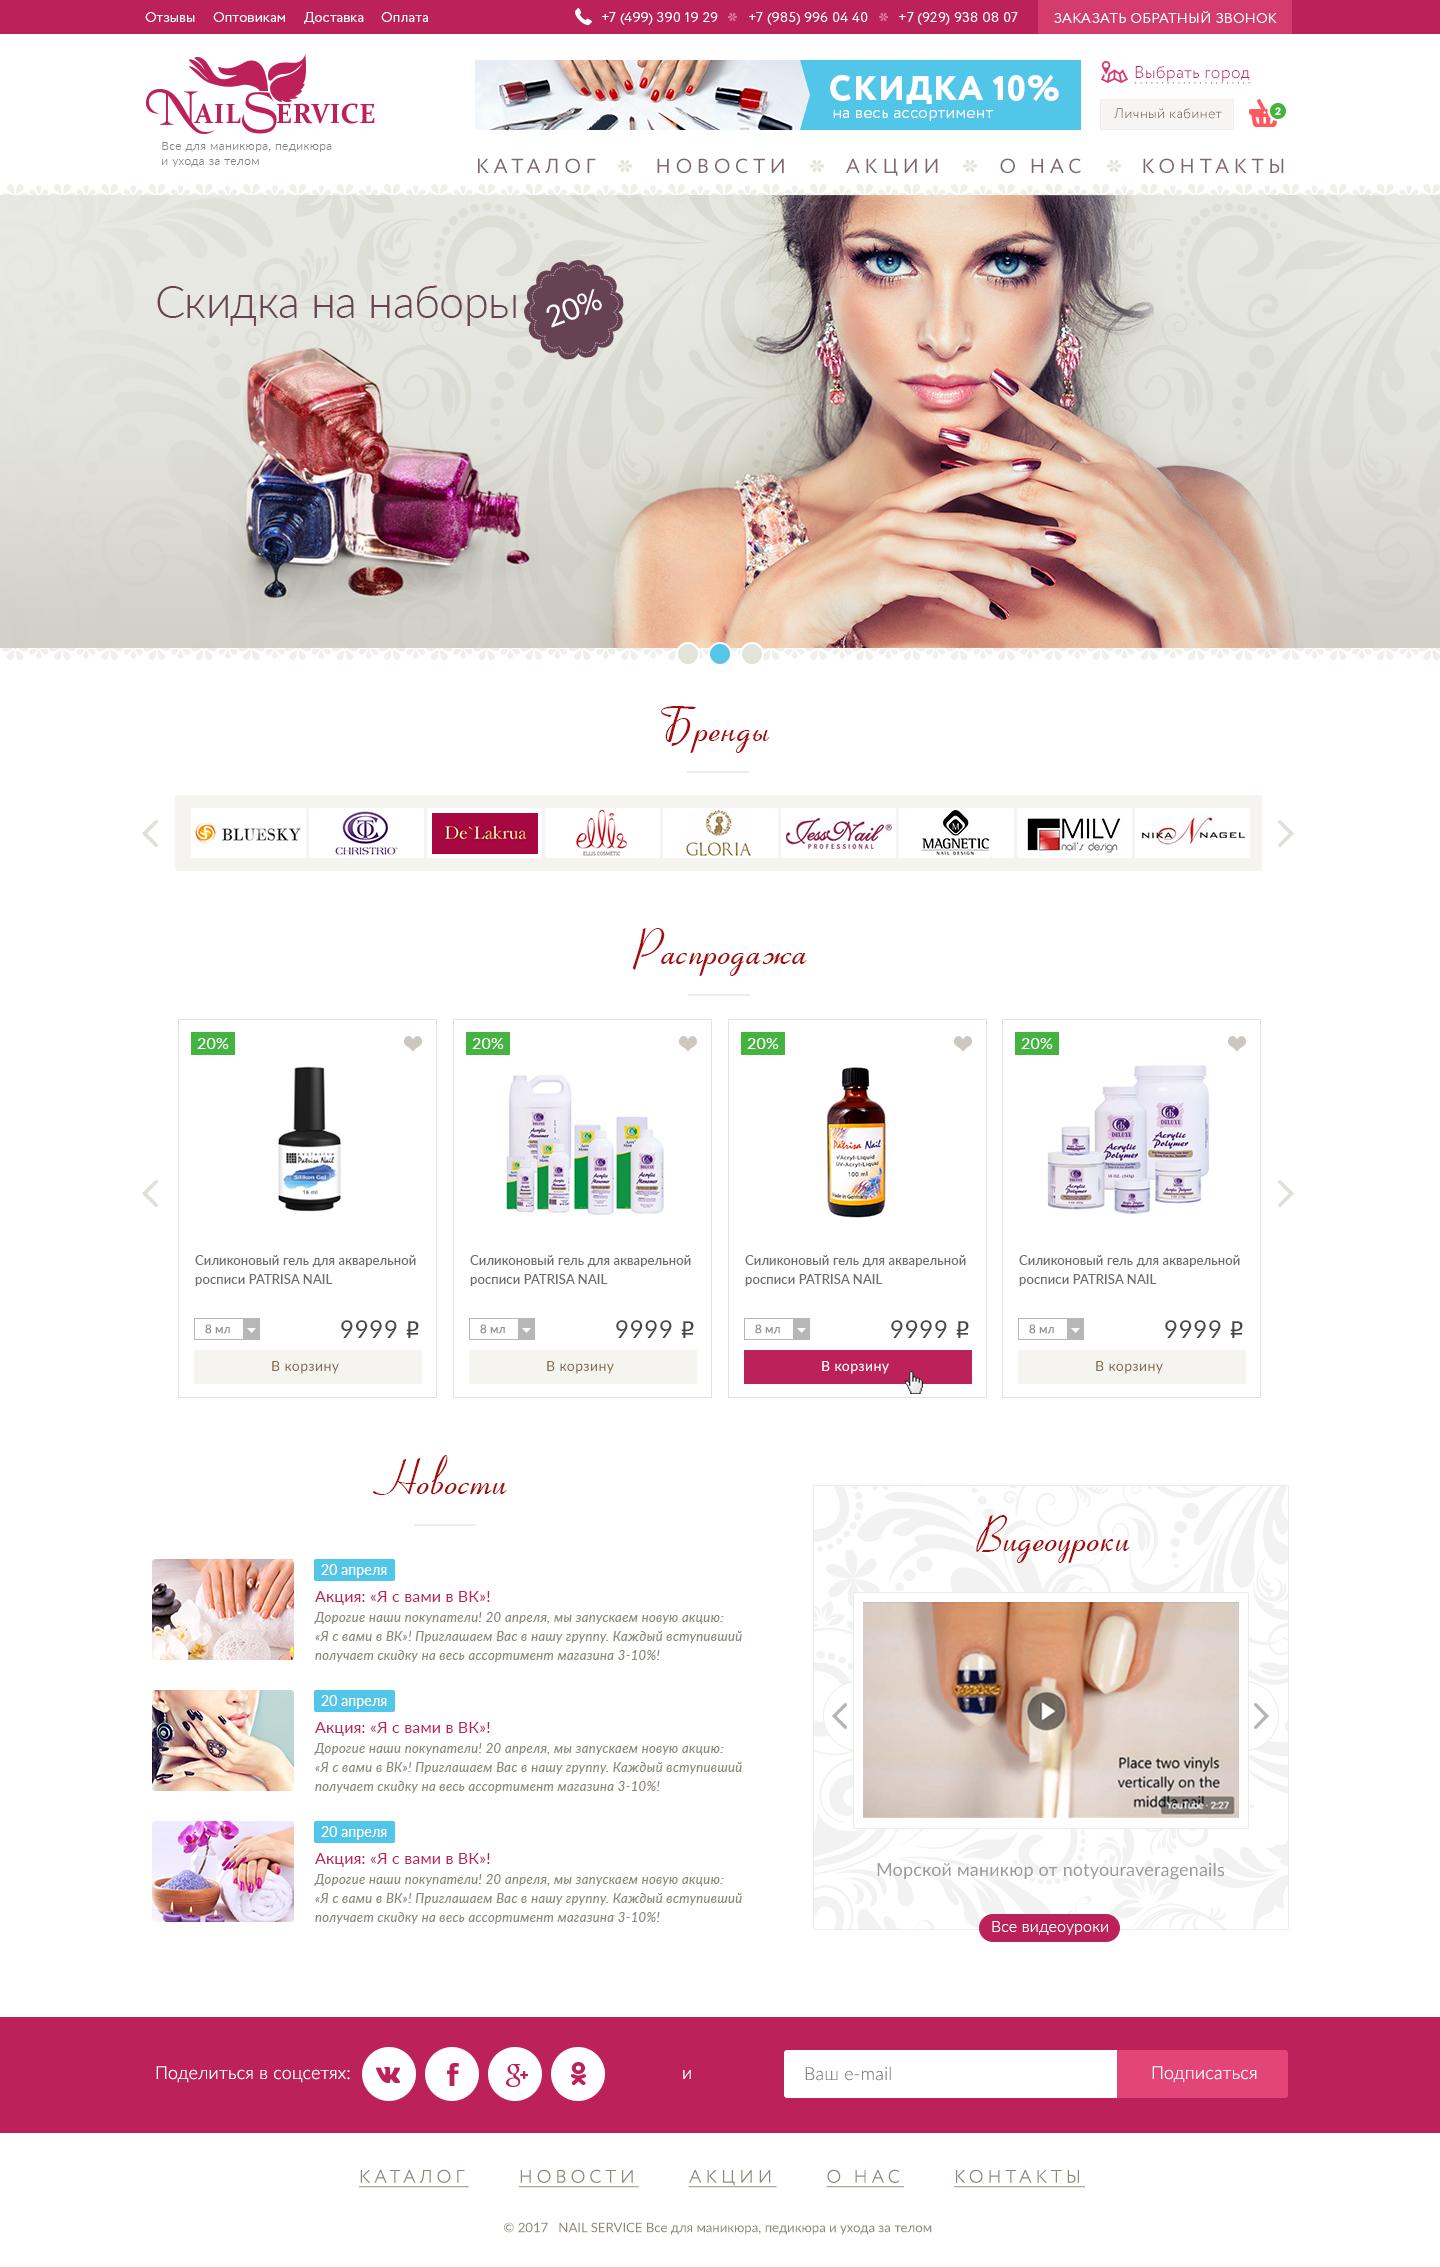 Разработка дизайна главной страницы сайта интернет-магазина фото f_722594e7447b6950.png